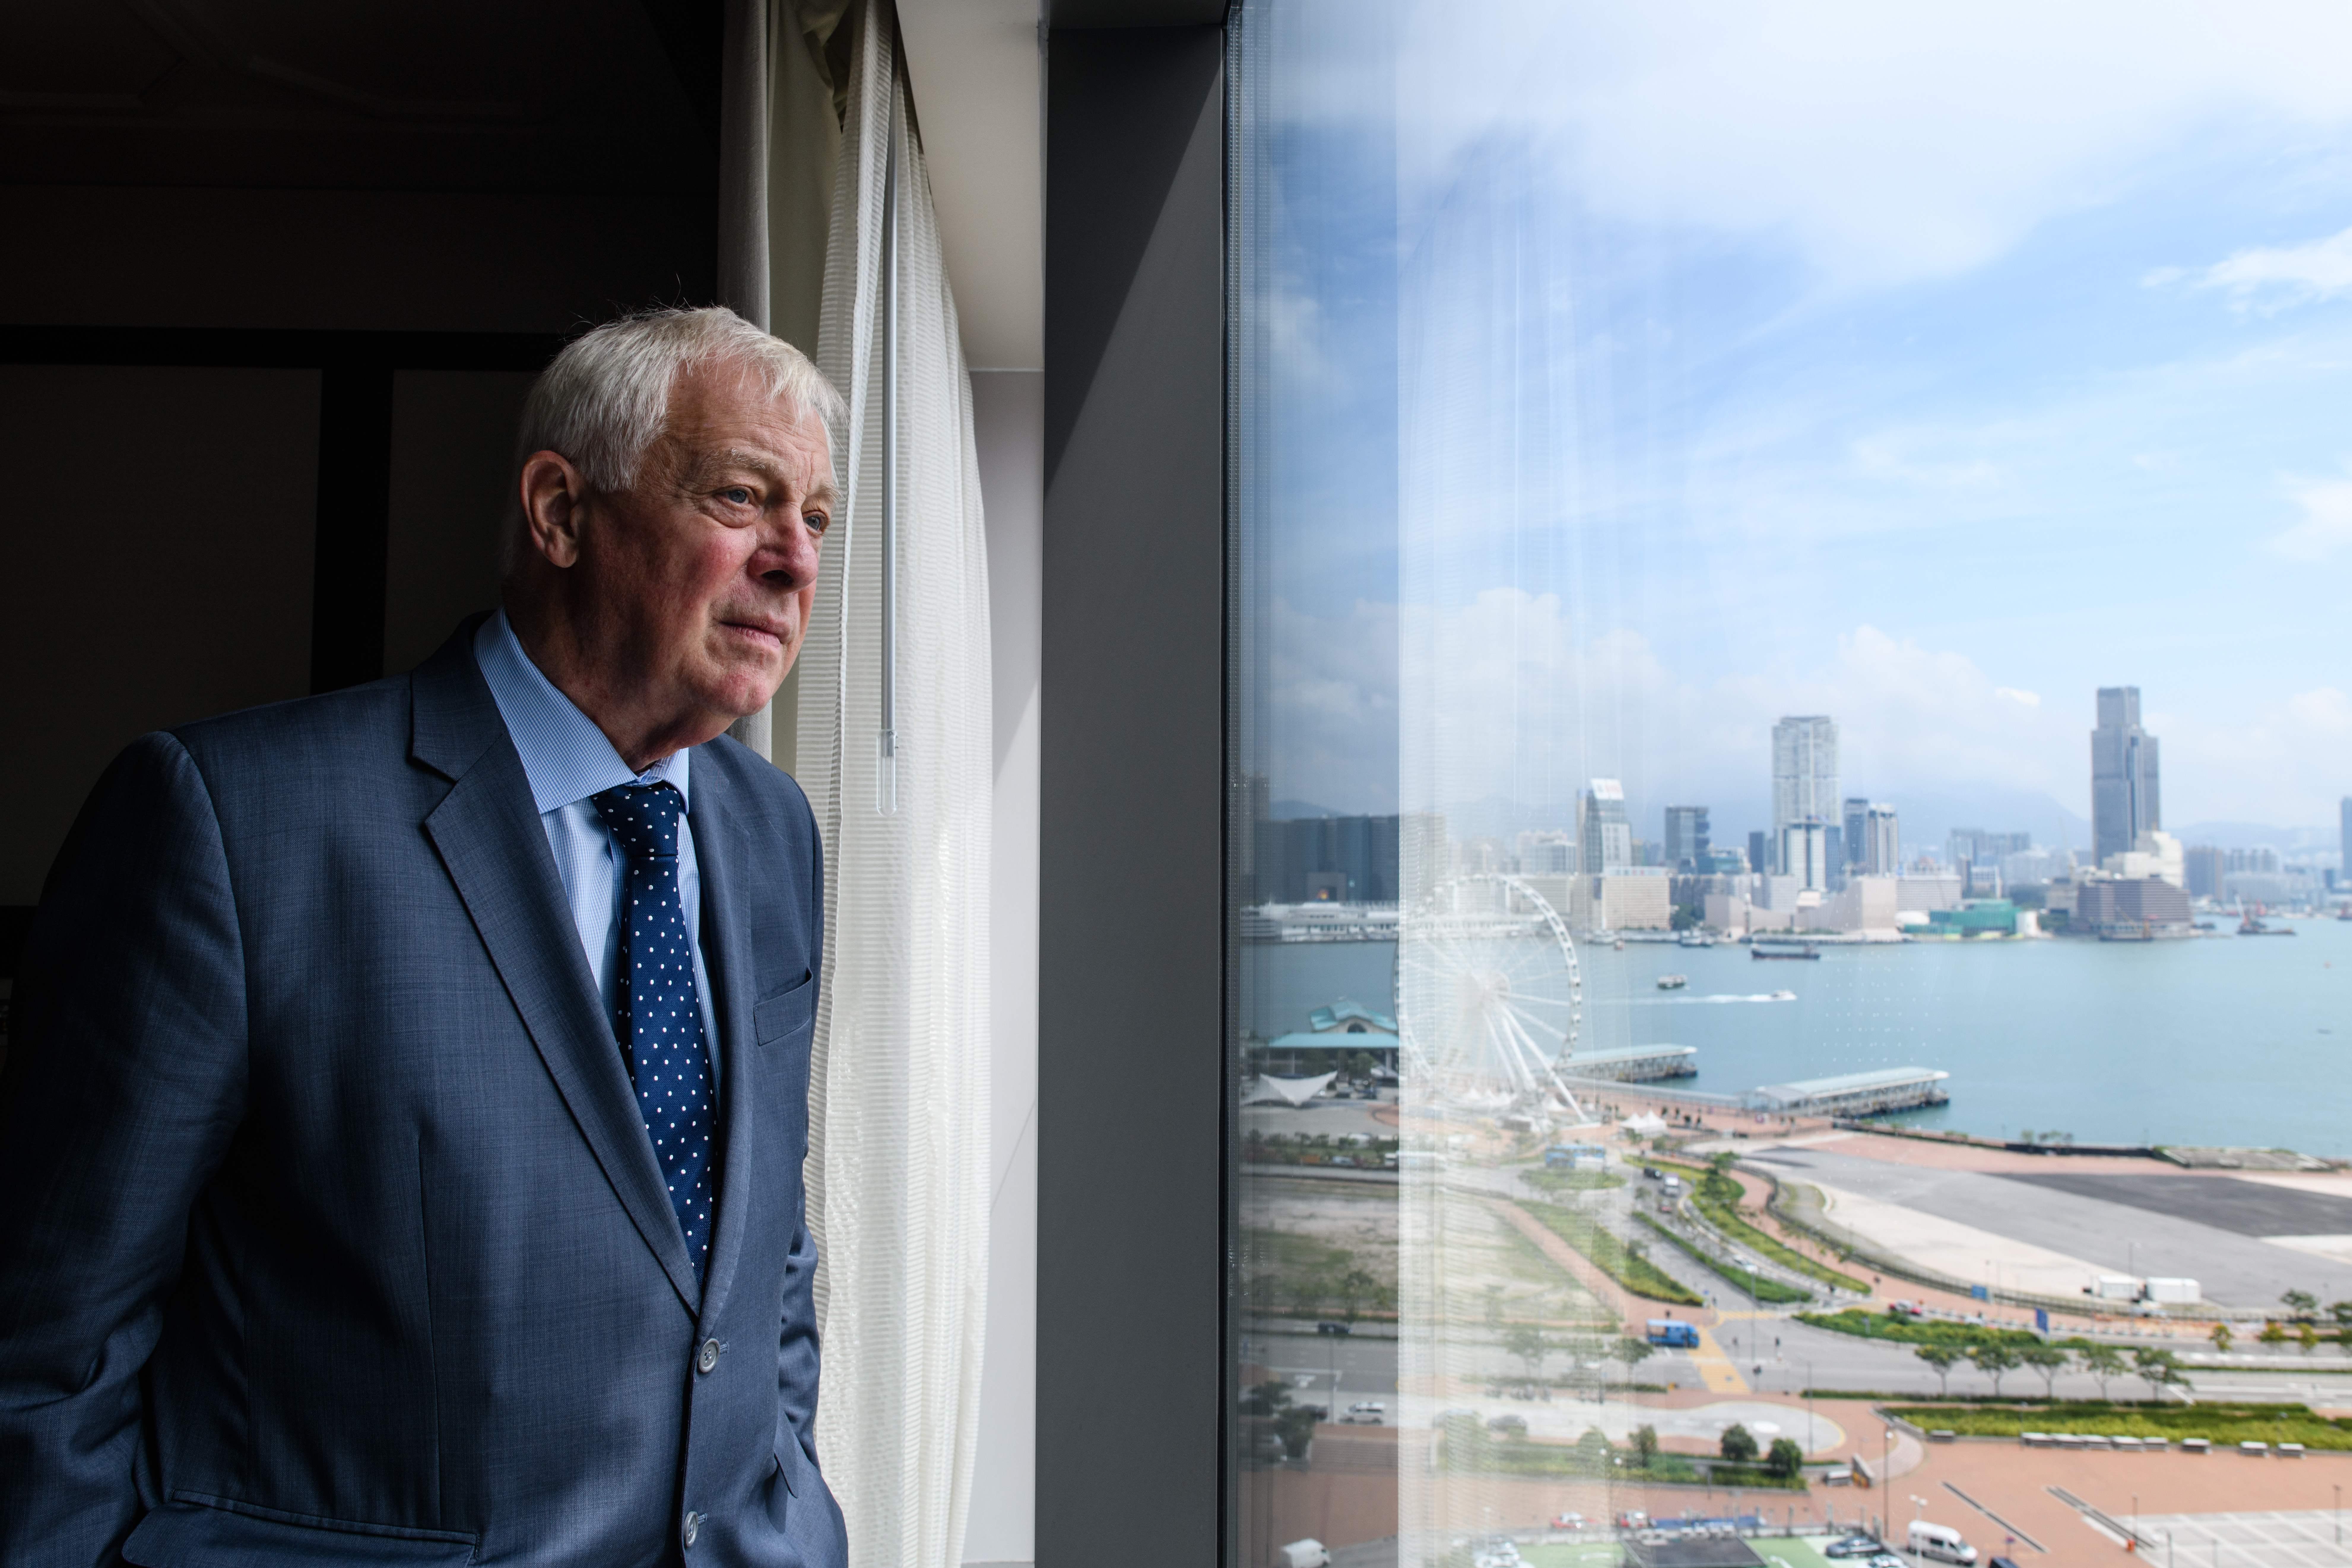 中共計劃推進港版國安法,引發國際關注。英國最後一位香港總督彭定康(Lord Patten)敦促英美兩國聯合抵制中共「侵犯自由」,對北京實施經濟制裁。圖為資料照。(AFP)